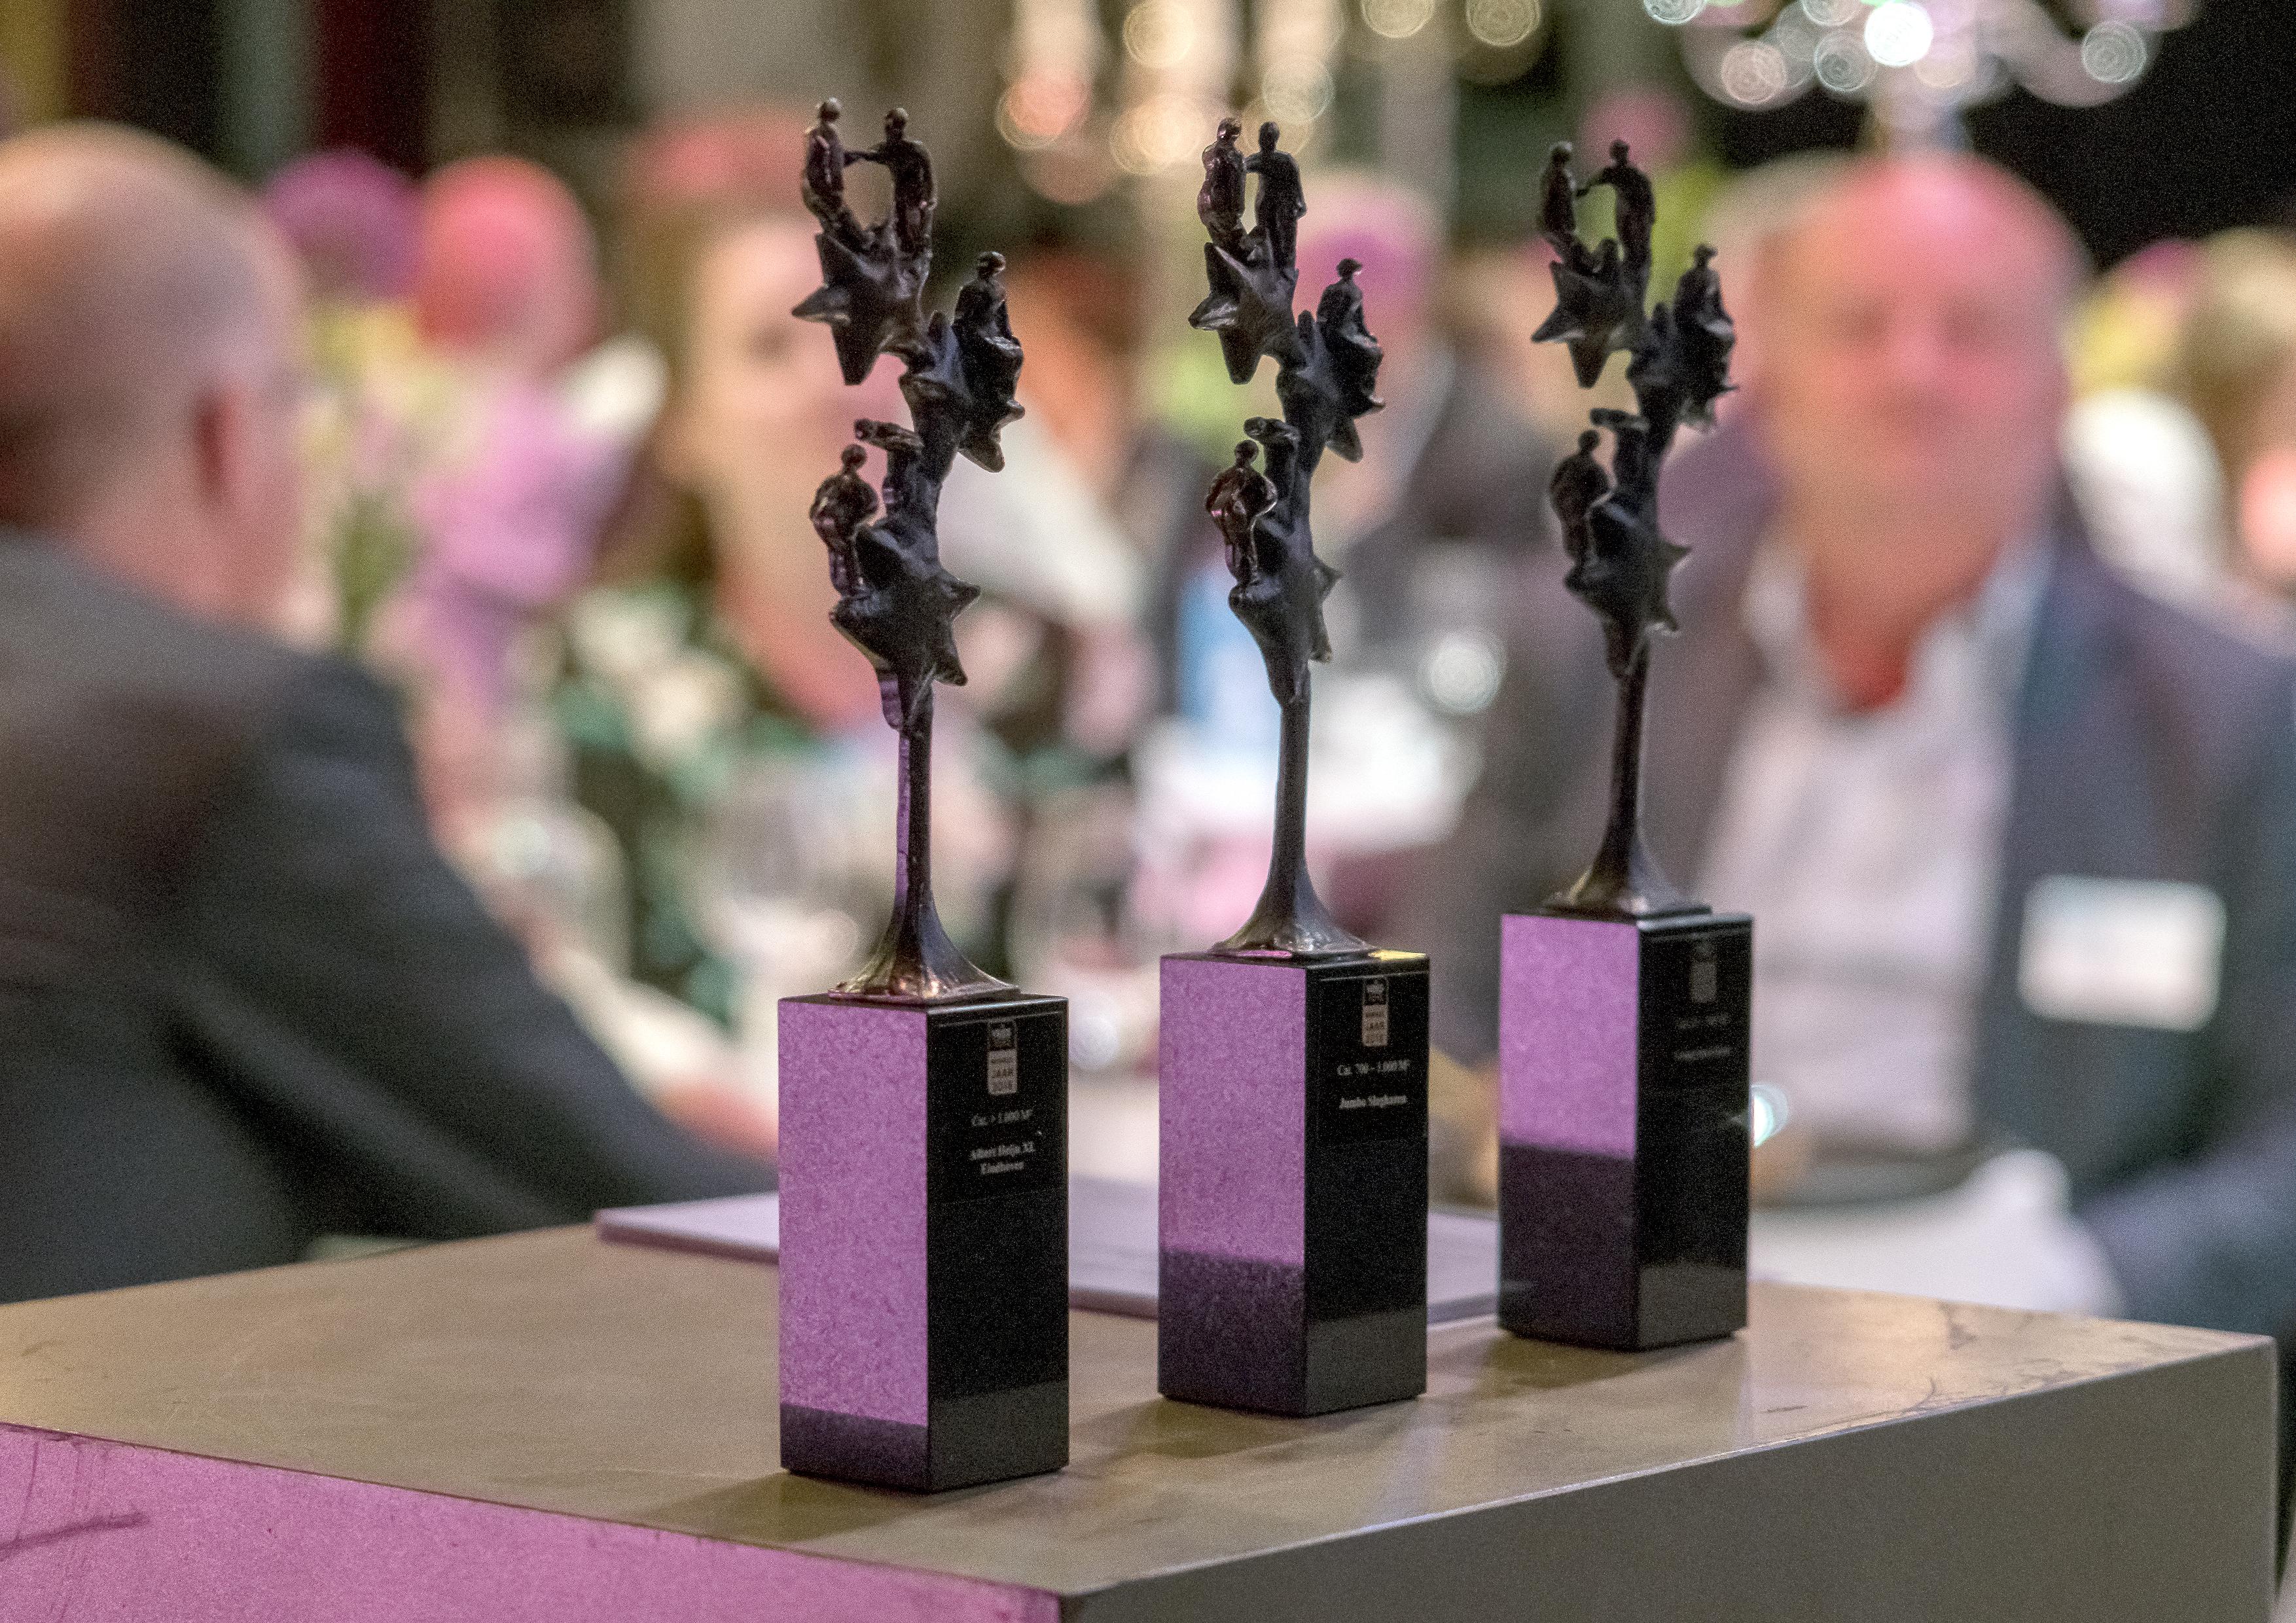 VriesVers Winnaars Event 2019